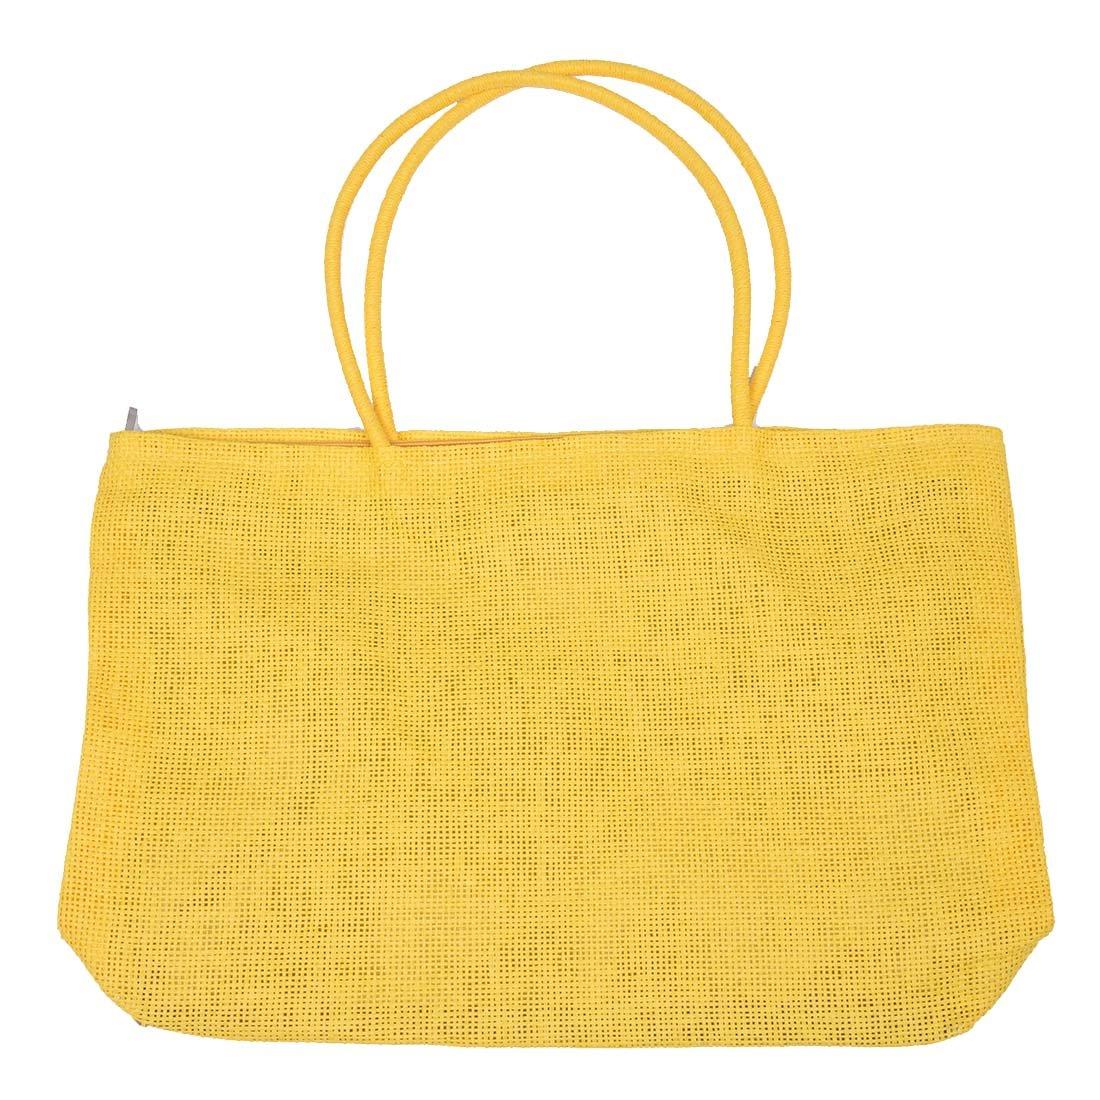 SODIAL (R) delle signore di modo tessuto tessuto di paglia di estate Tote Shoulder Bag Beach Shopping Borsa - Giallo SODIAL(R) 015345A1